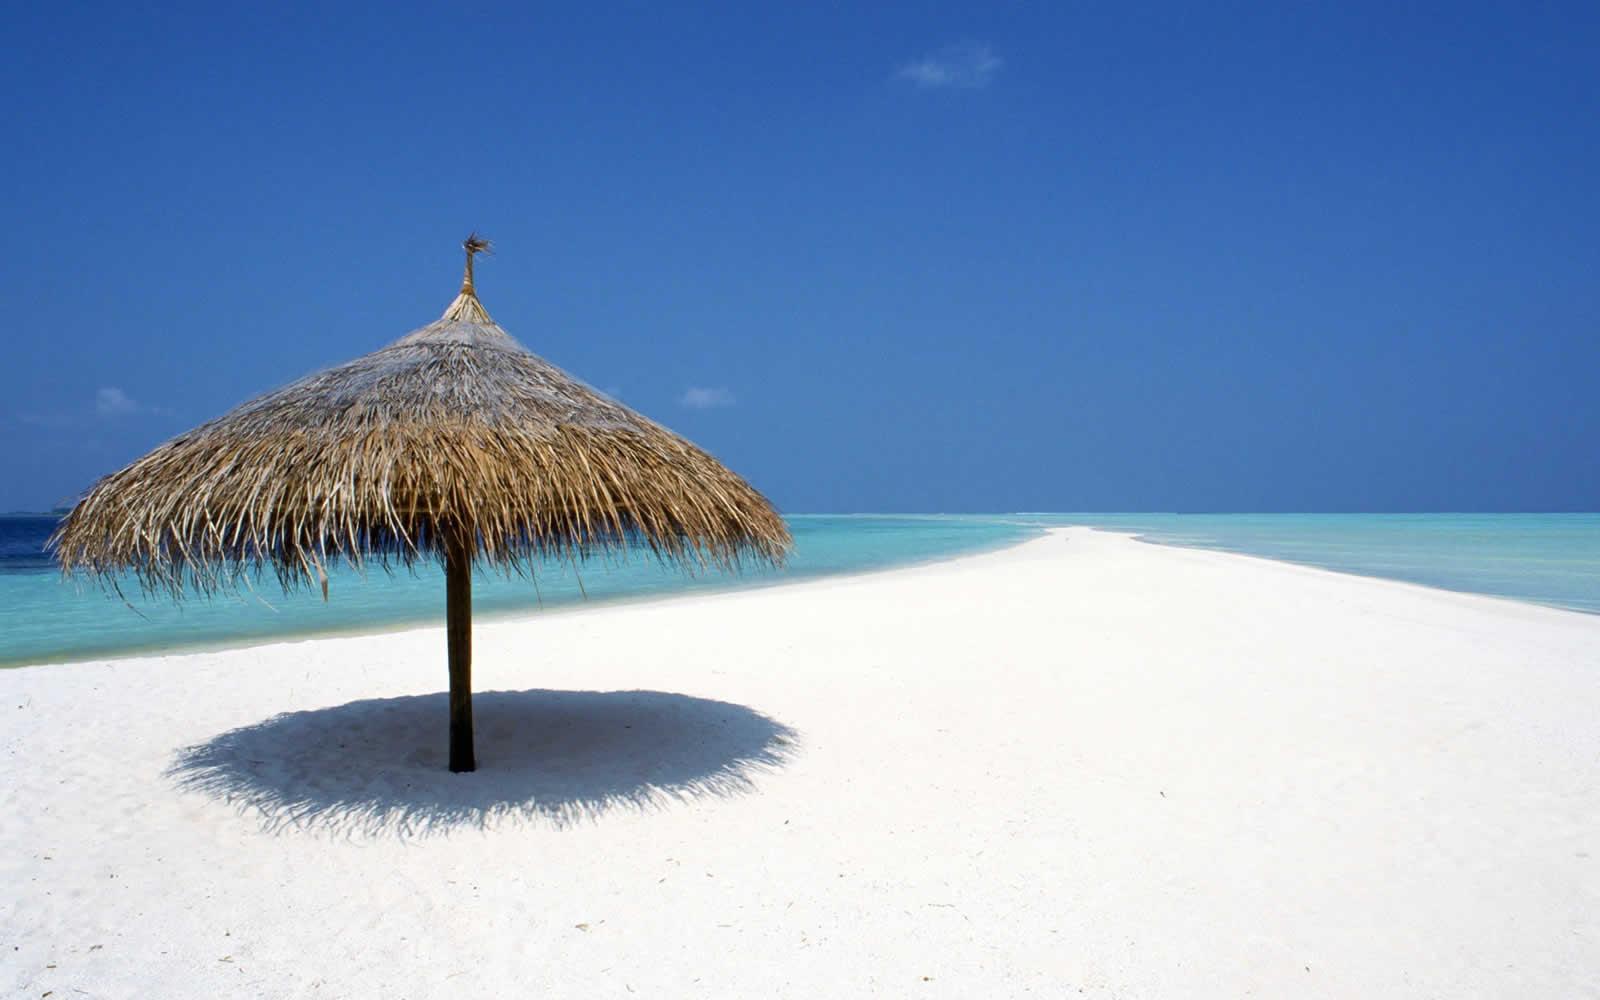 vacanze estive 2012 all 39 insegna del low price dal 79